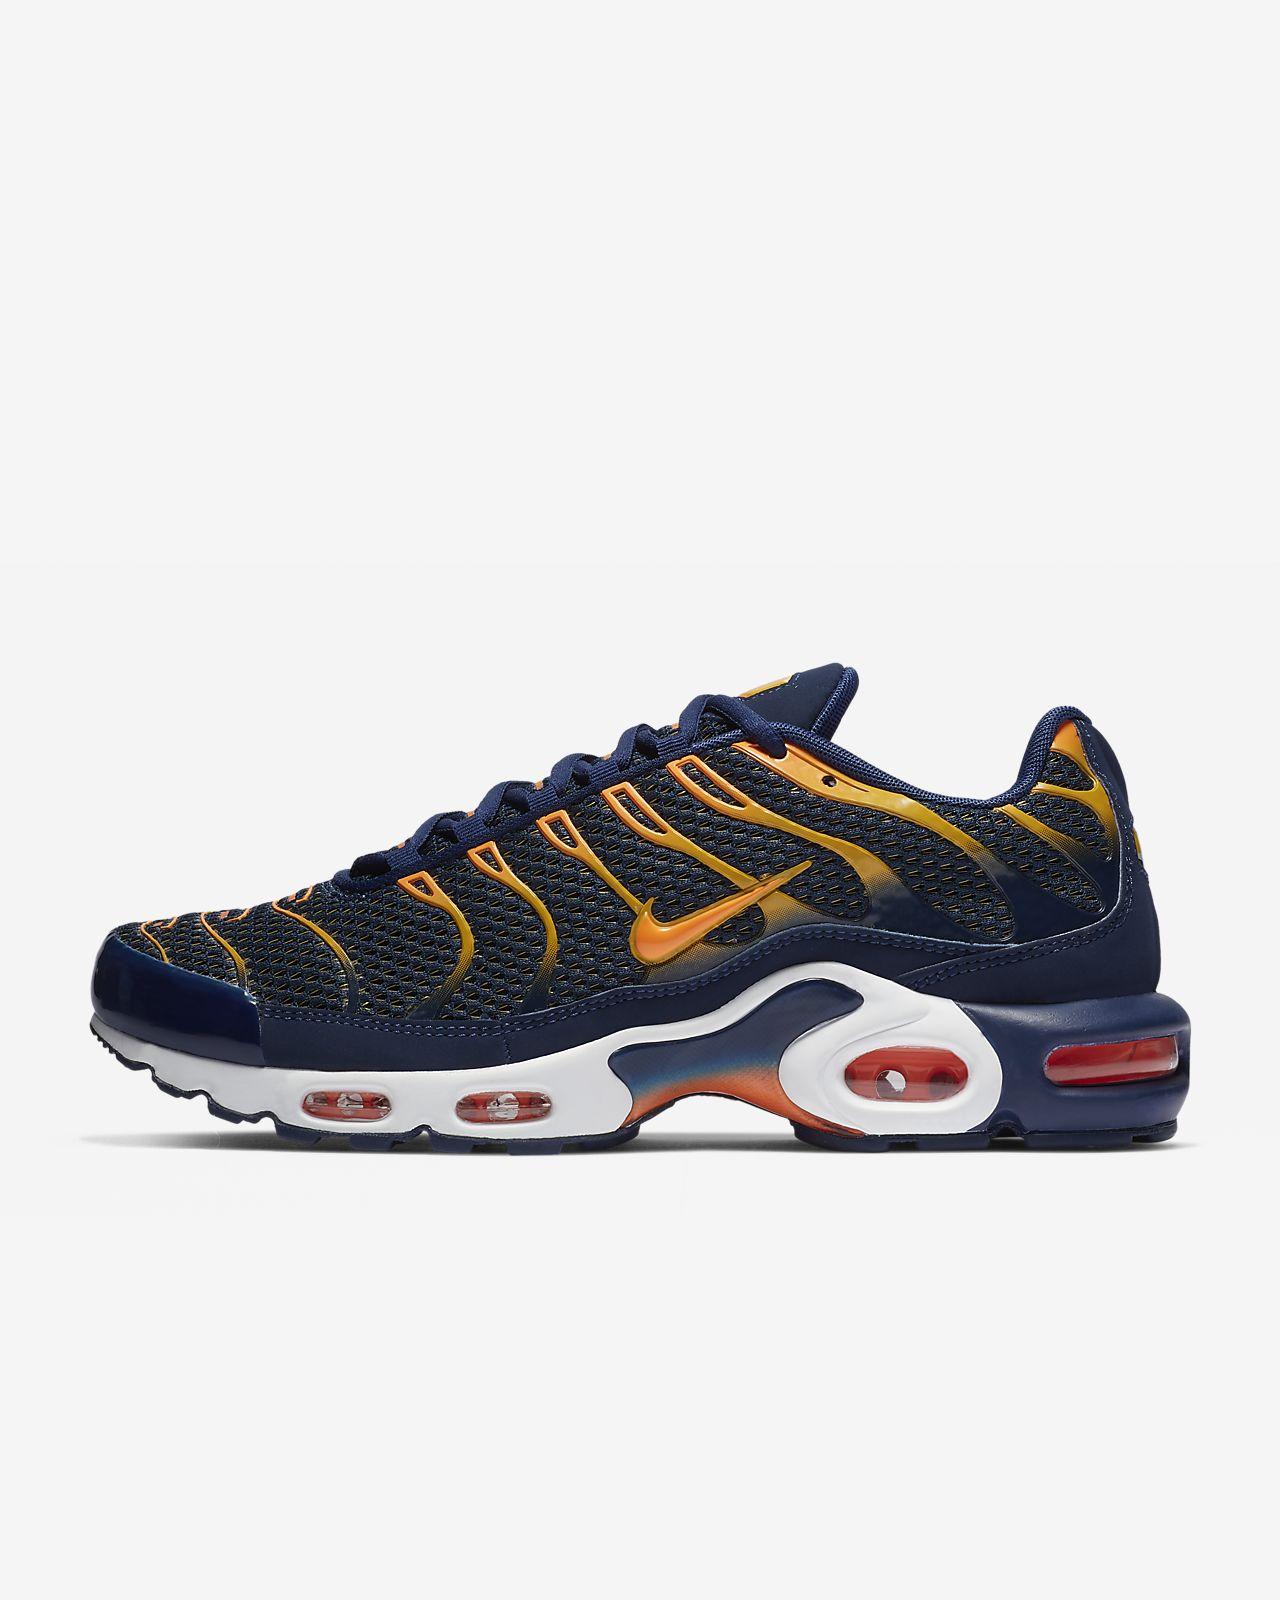 d75fa2eae3 chaussure de ville nike | ventes flash